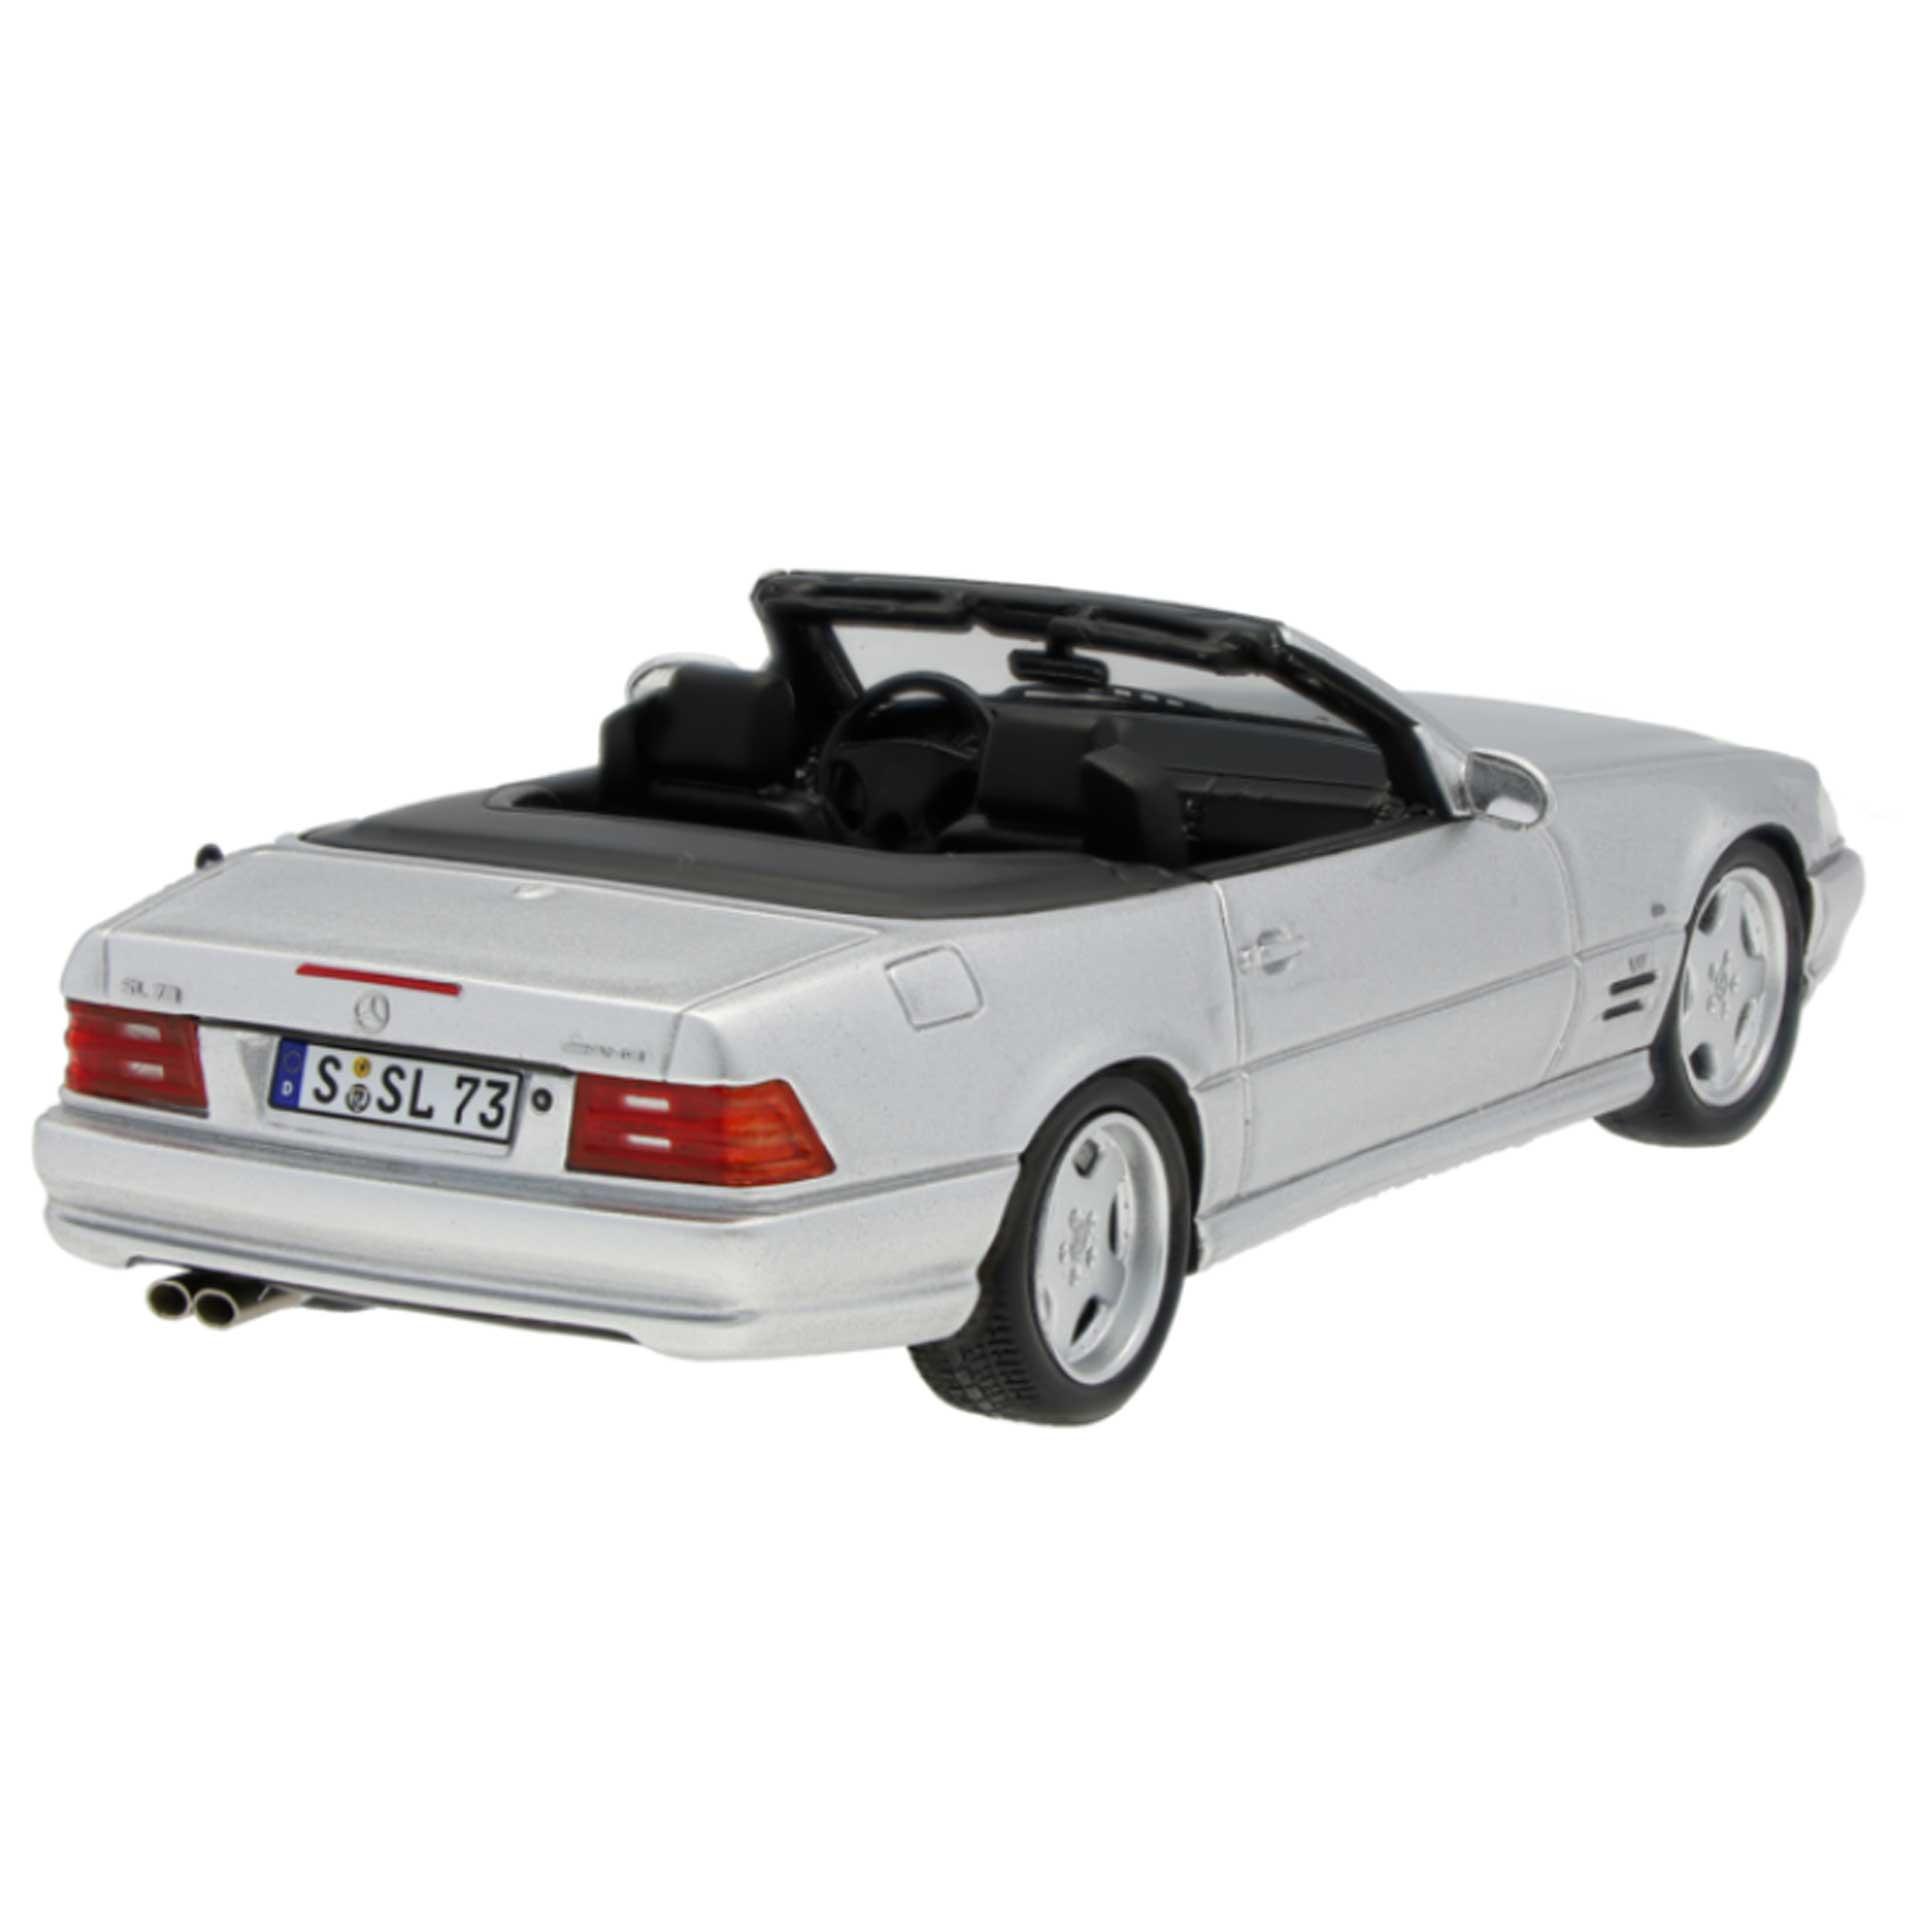 Mercedes-AMG Modellauto SL 73 AMG R 129 (1999) 1:43